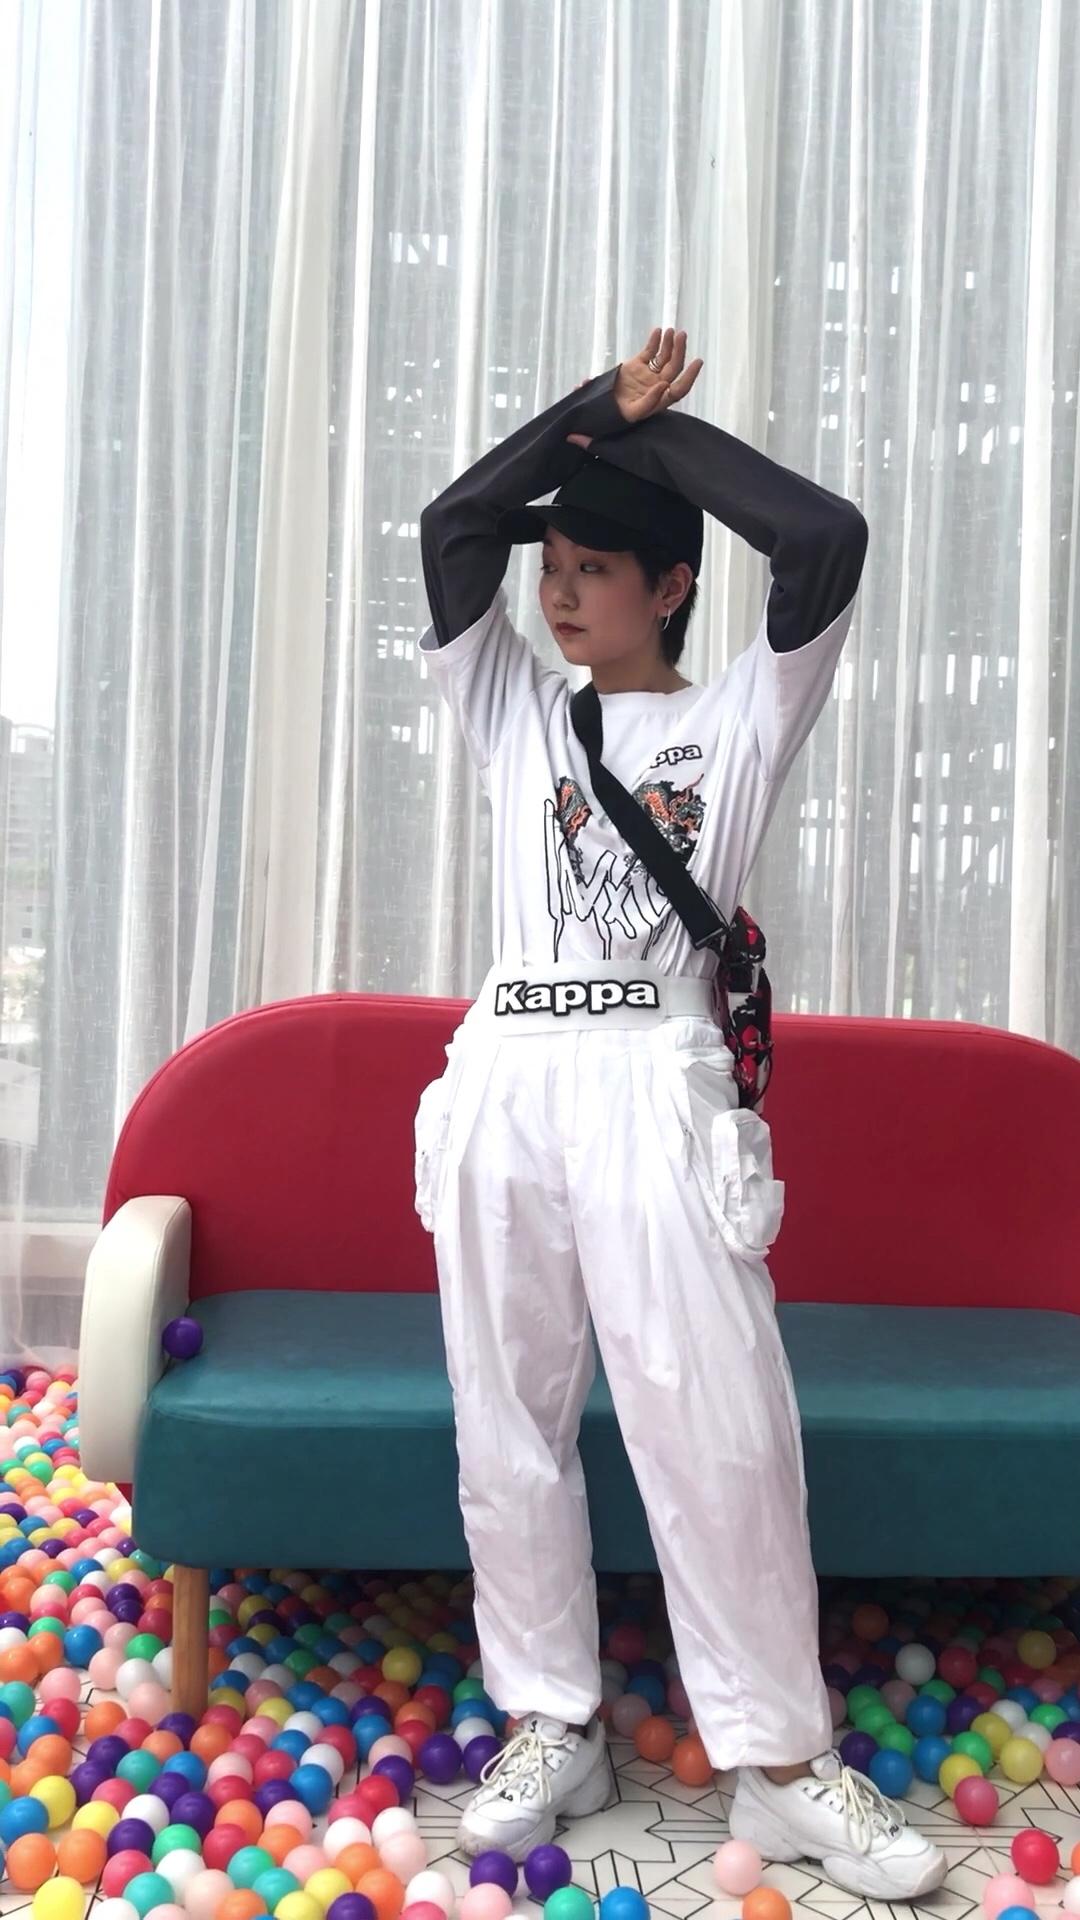 超酷运动机能穿搭 卫衣假两件设计省去搭配烦恼~ 棒球帽和一身搭配超级帅气的 #网红衣橱大公开,赶紧收藏!#